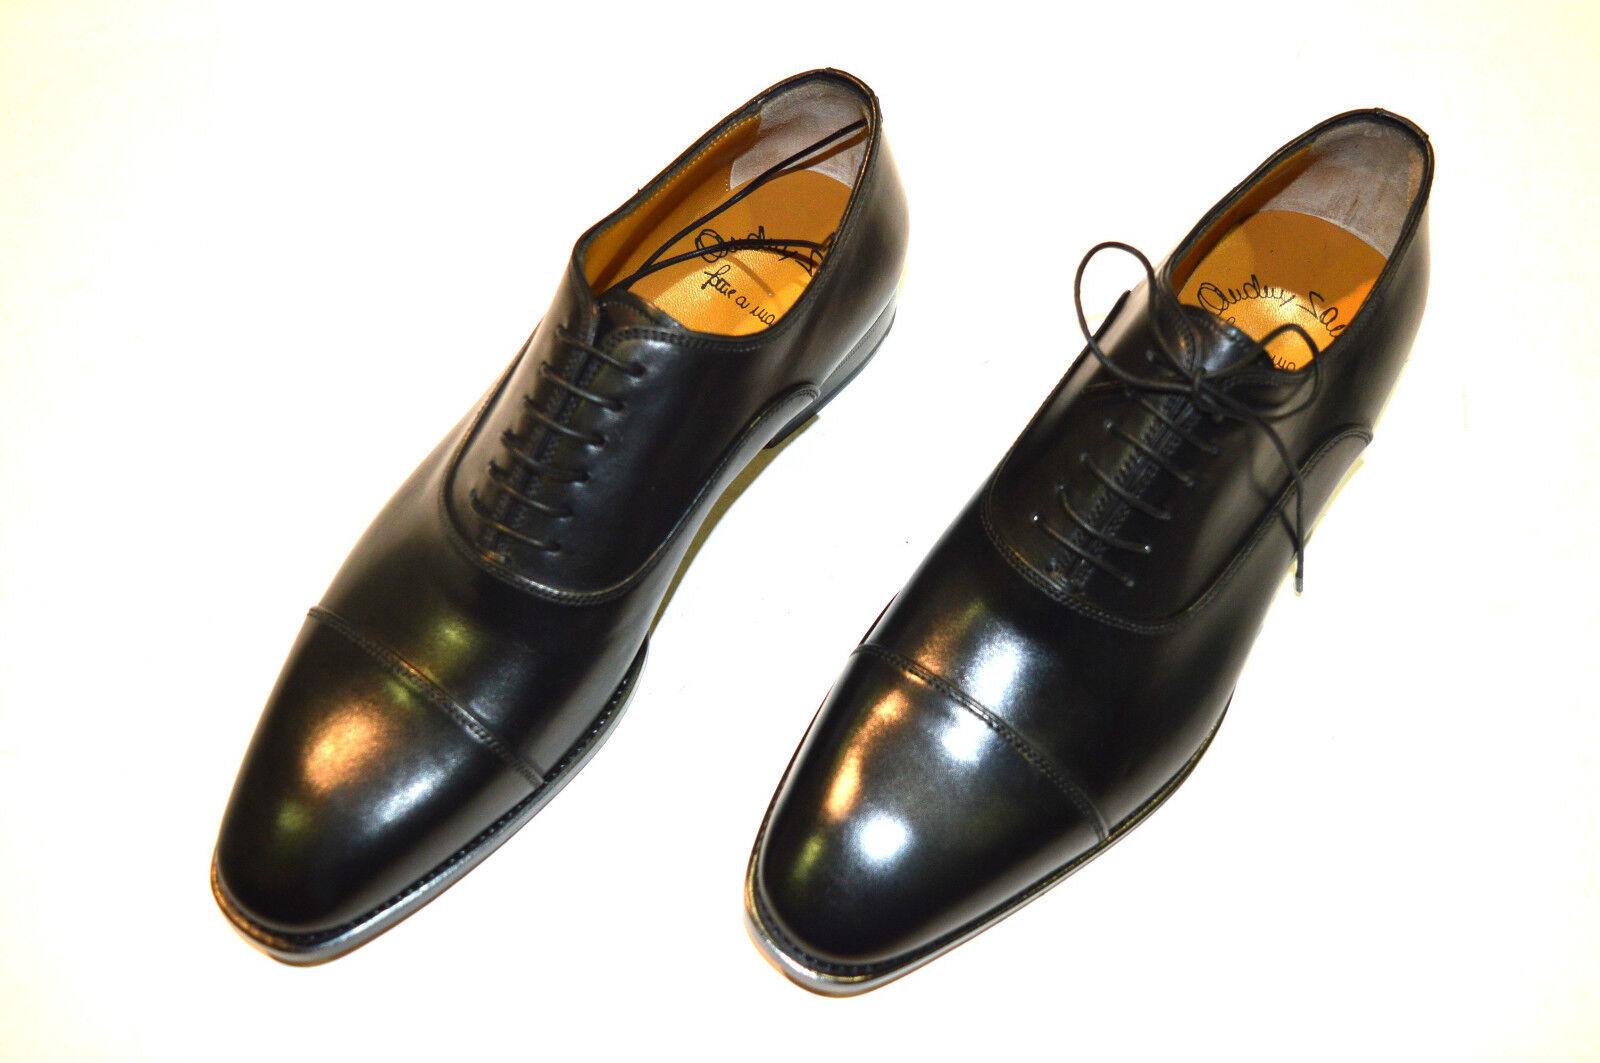 NEW SANTONI Dress Black Leather shoes  SIZE Eu 40 Uk 6 Us 7 (8R)